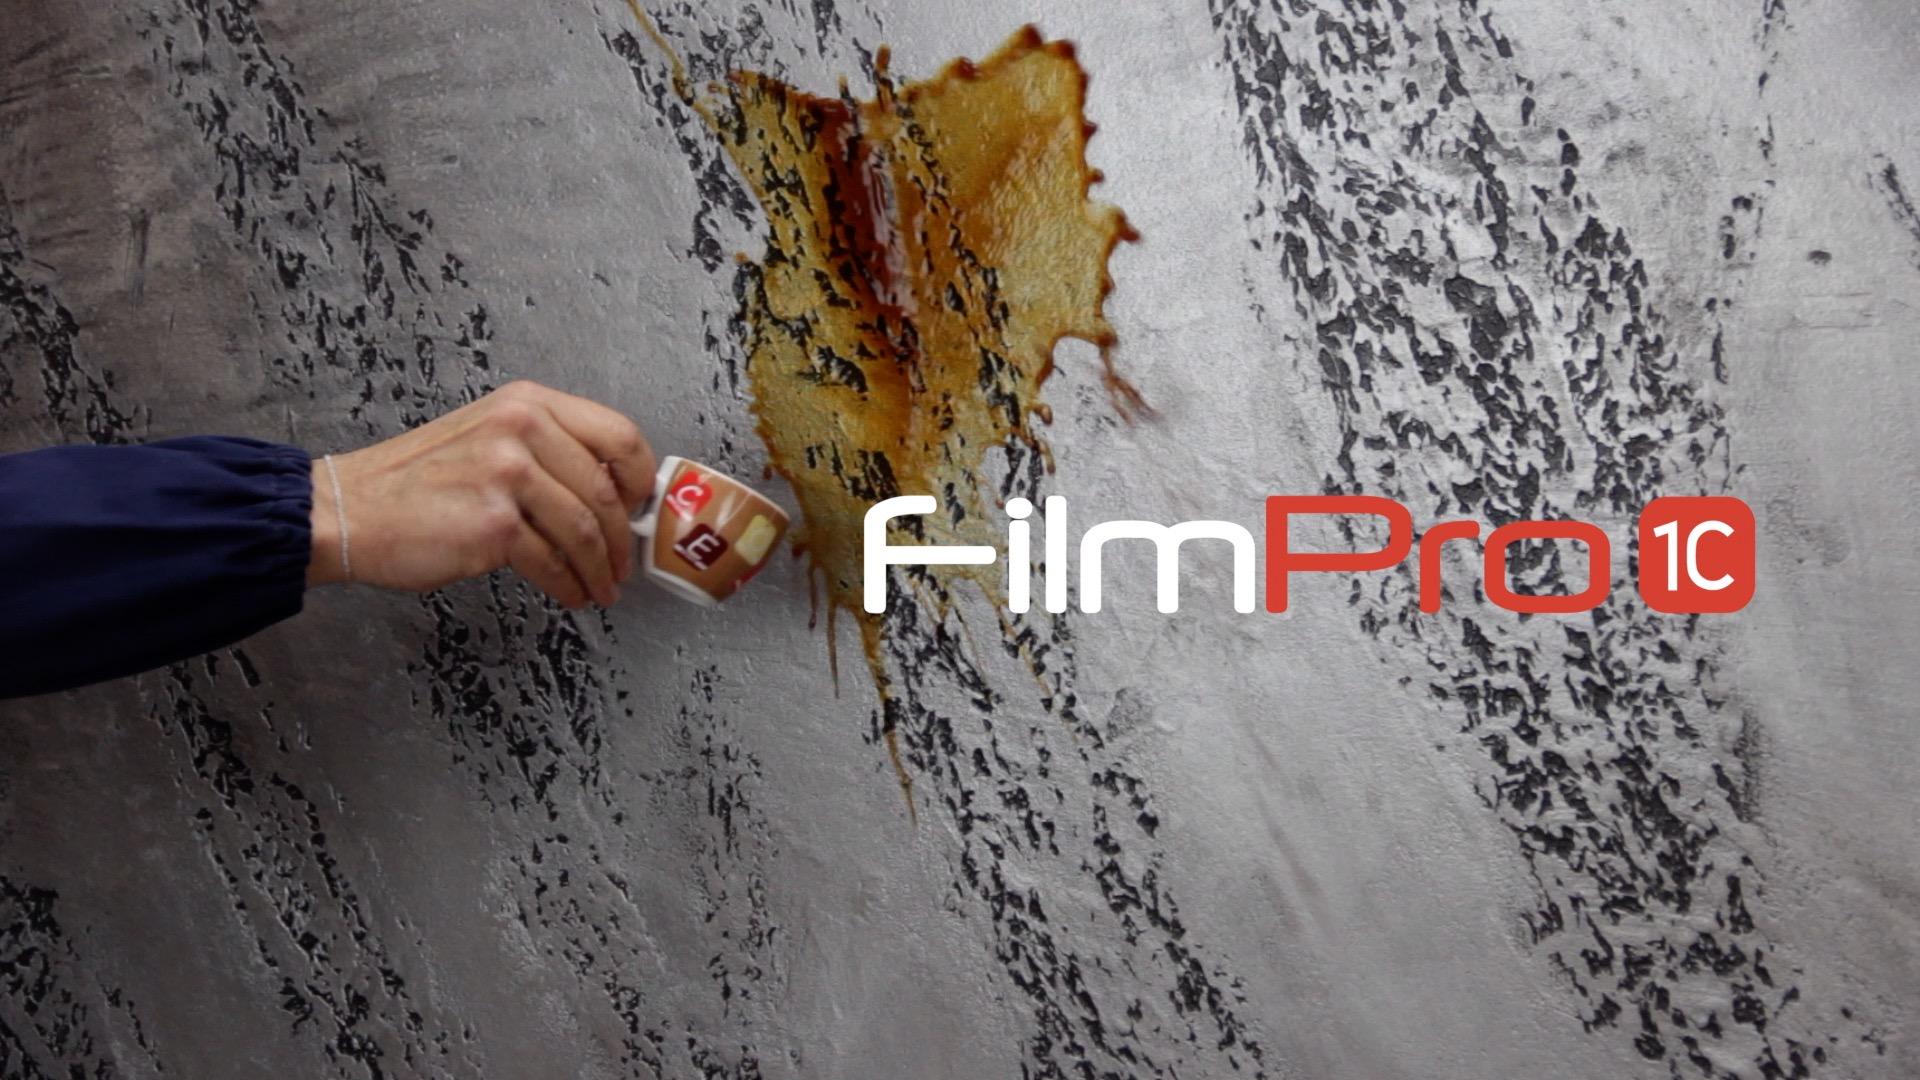 FilmPro 1C prova resistenza caffè